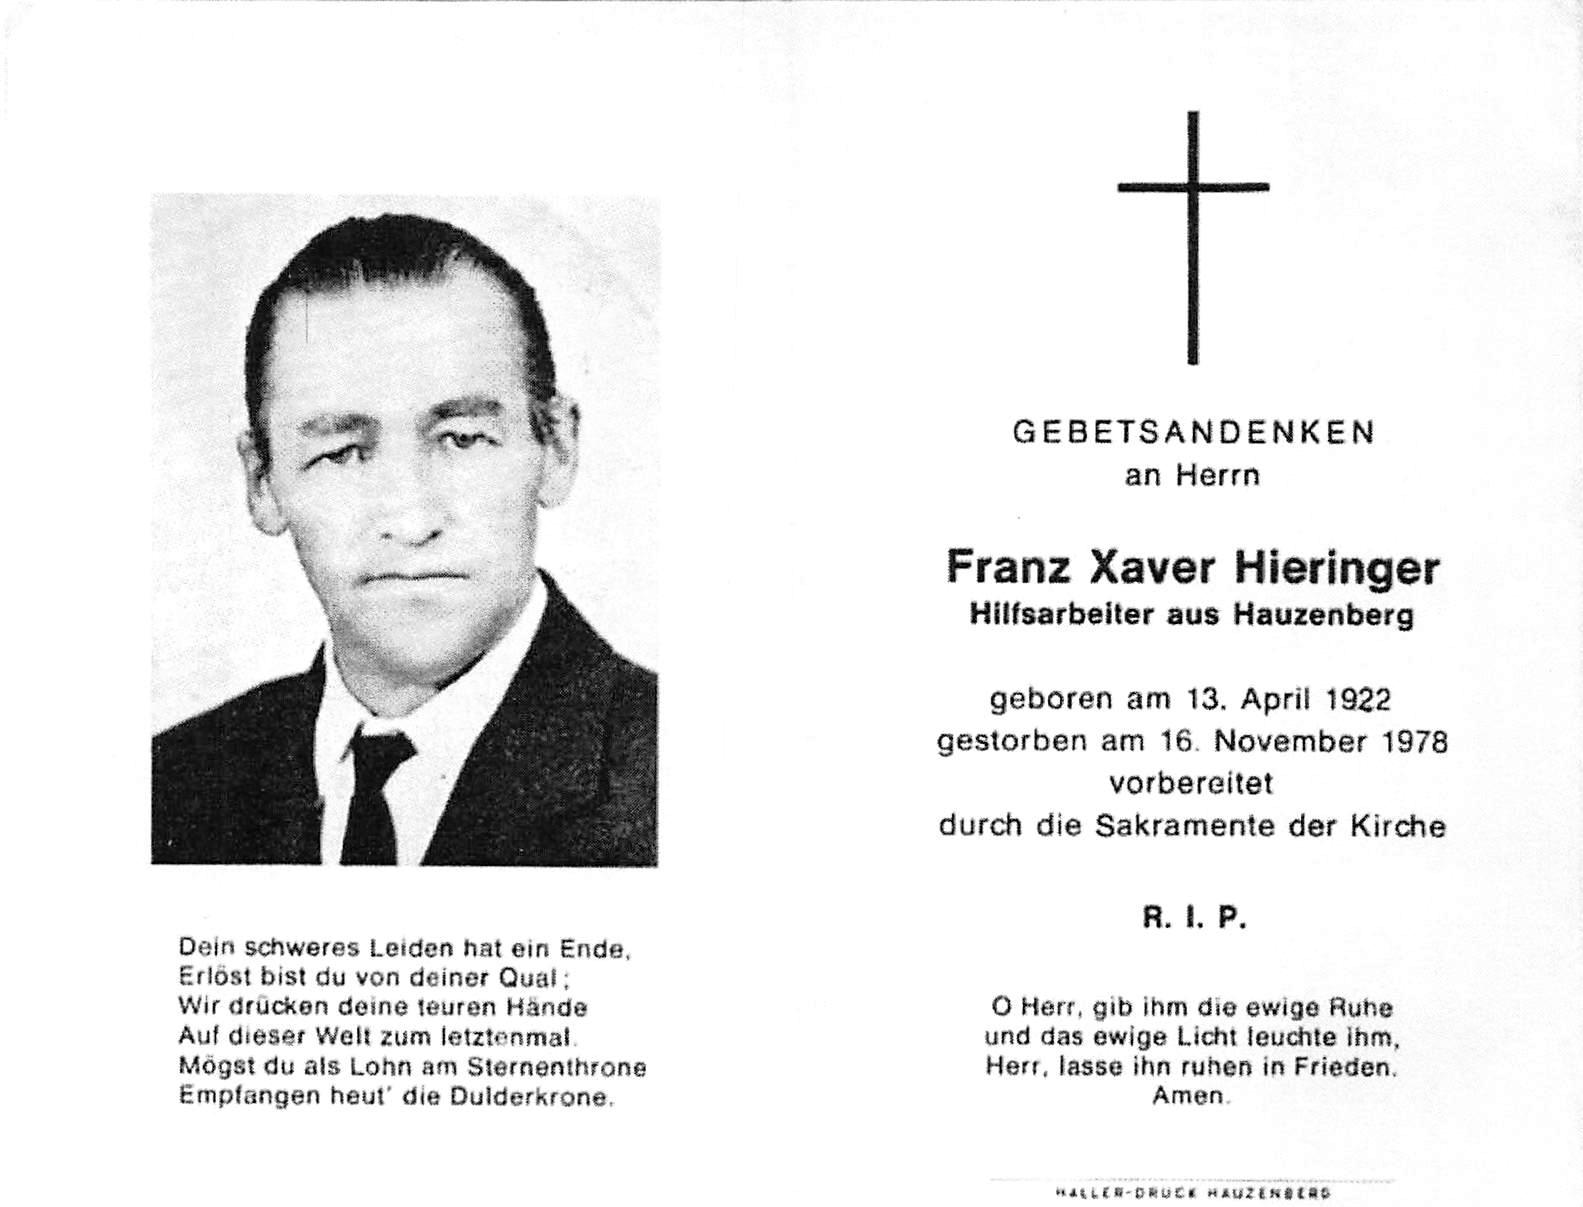 1978-11-16-Hieringer-Franz-Xaver-Hauzenberg-Hilfsarbeiter